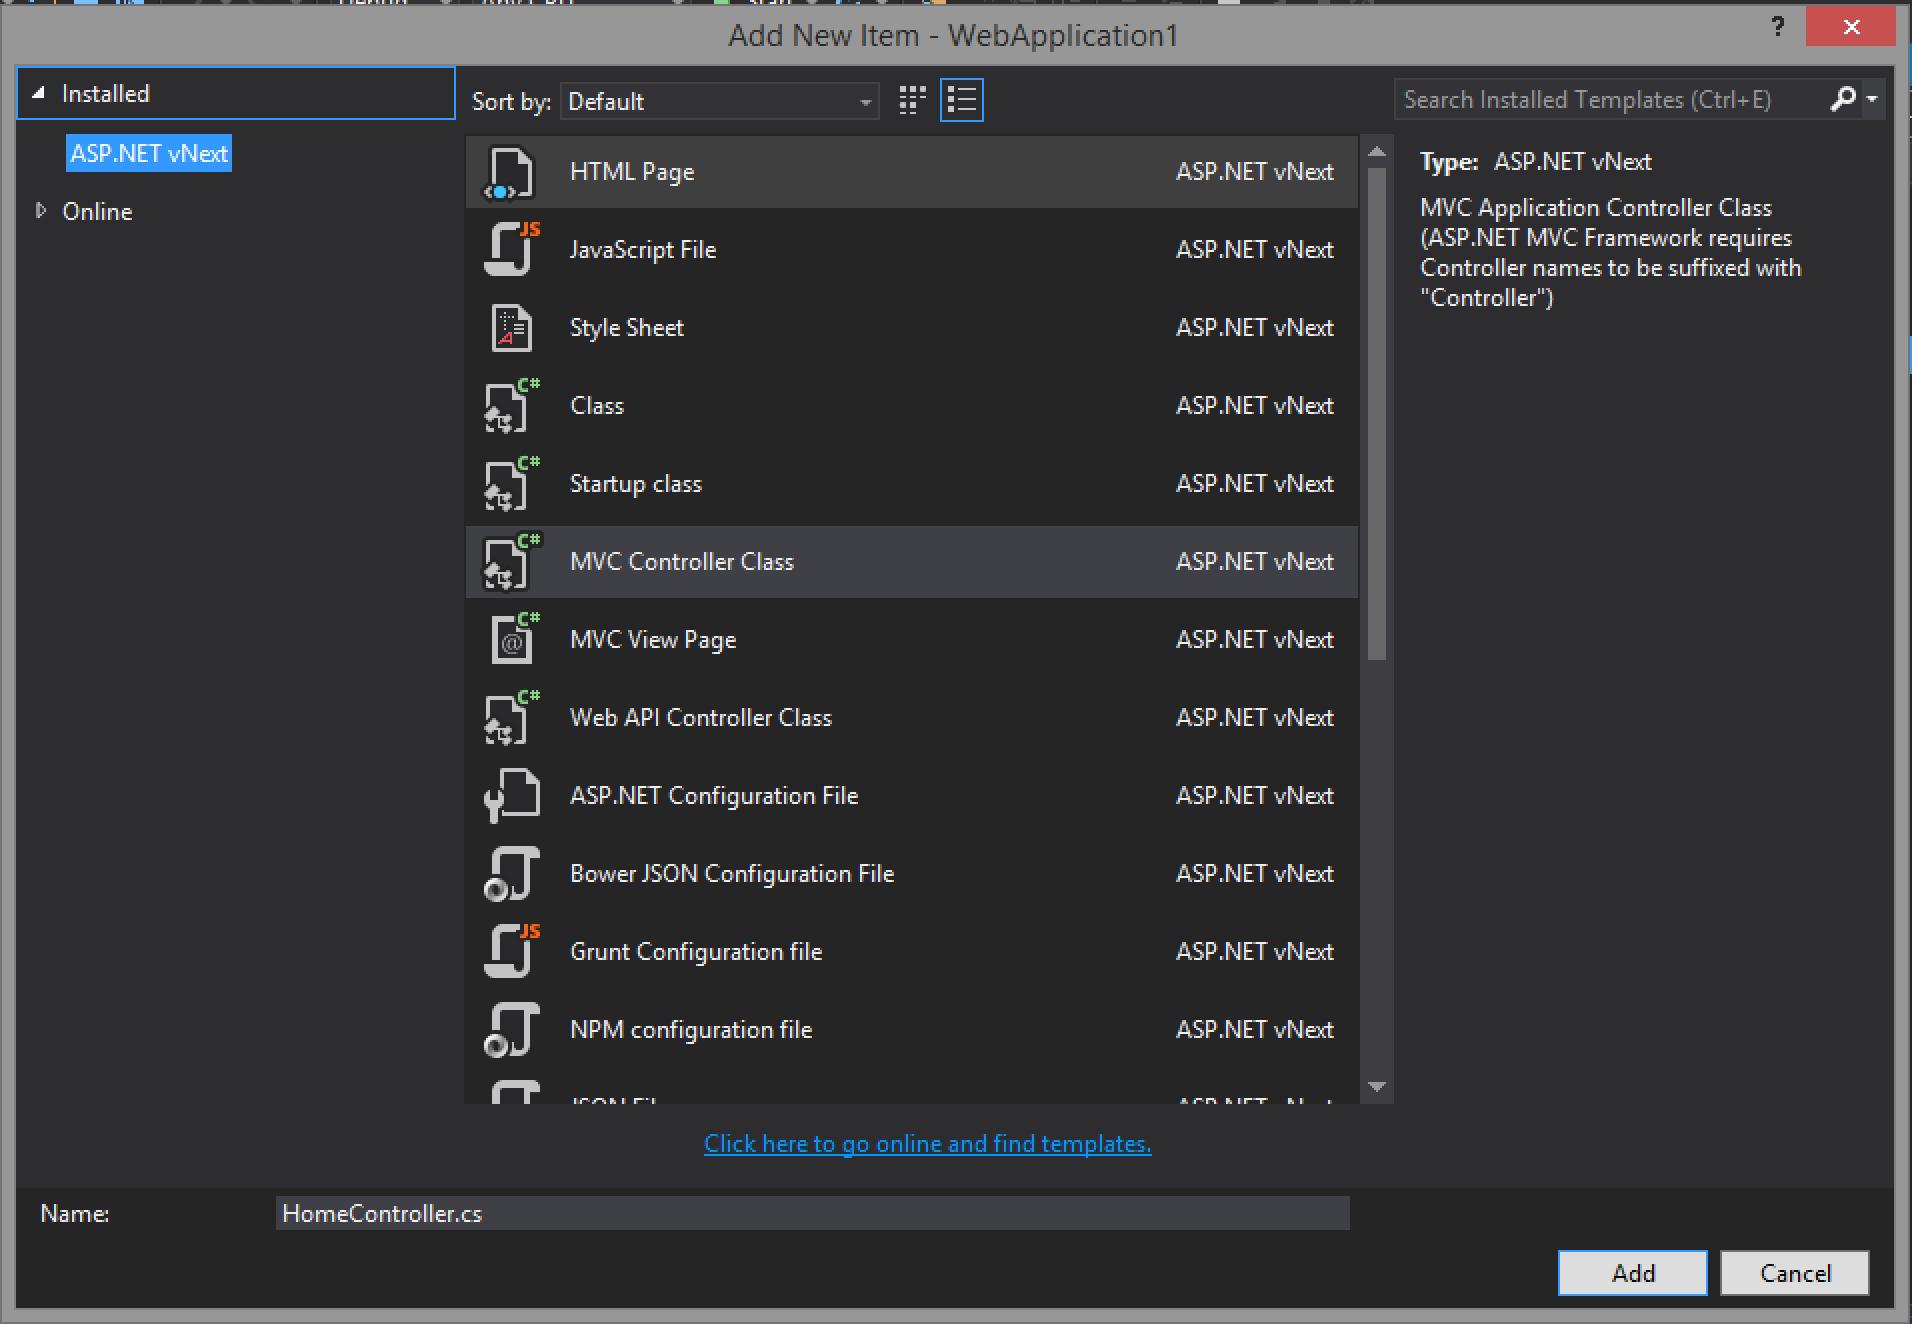 Visual Studio Add New Item